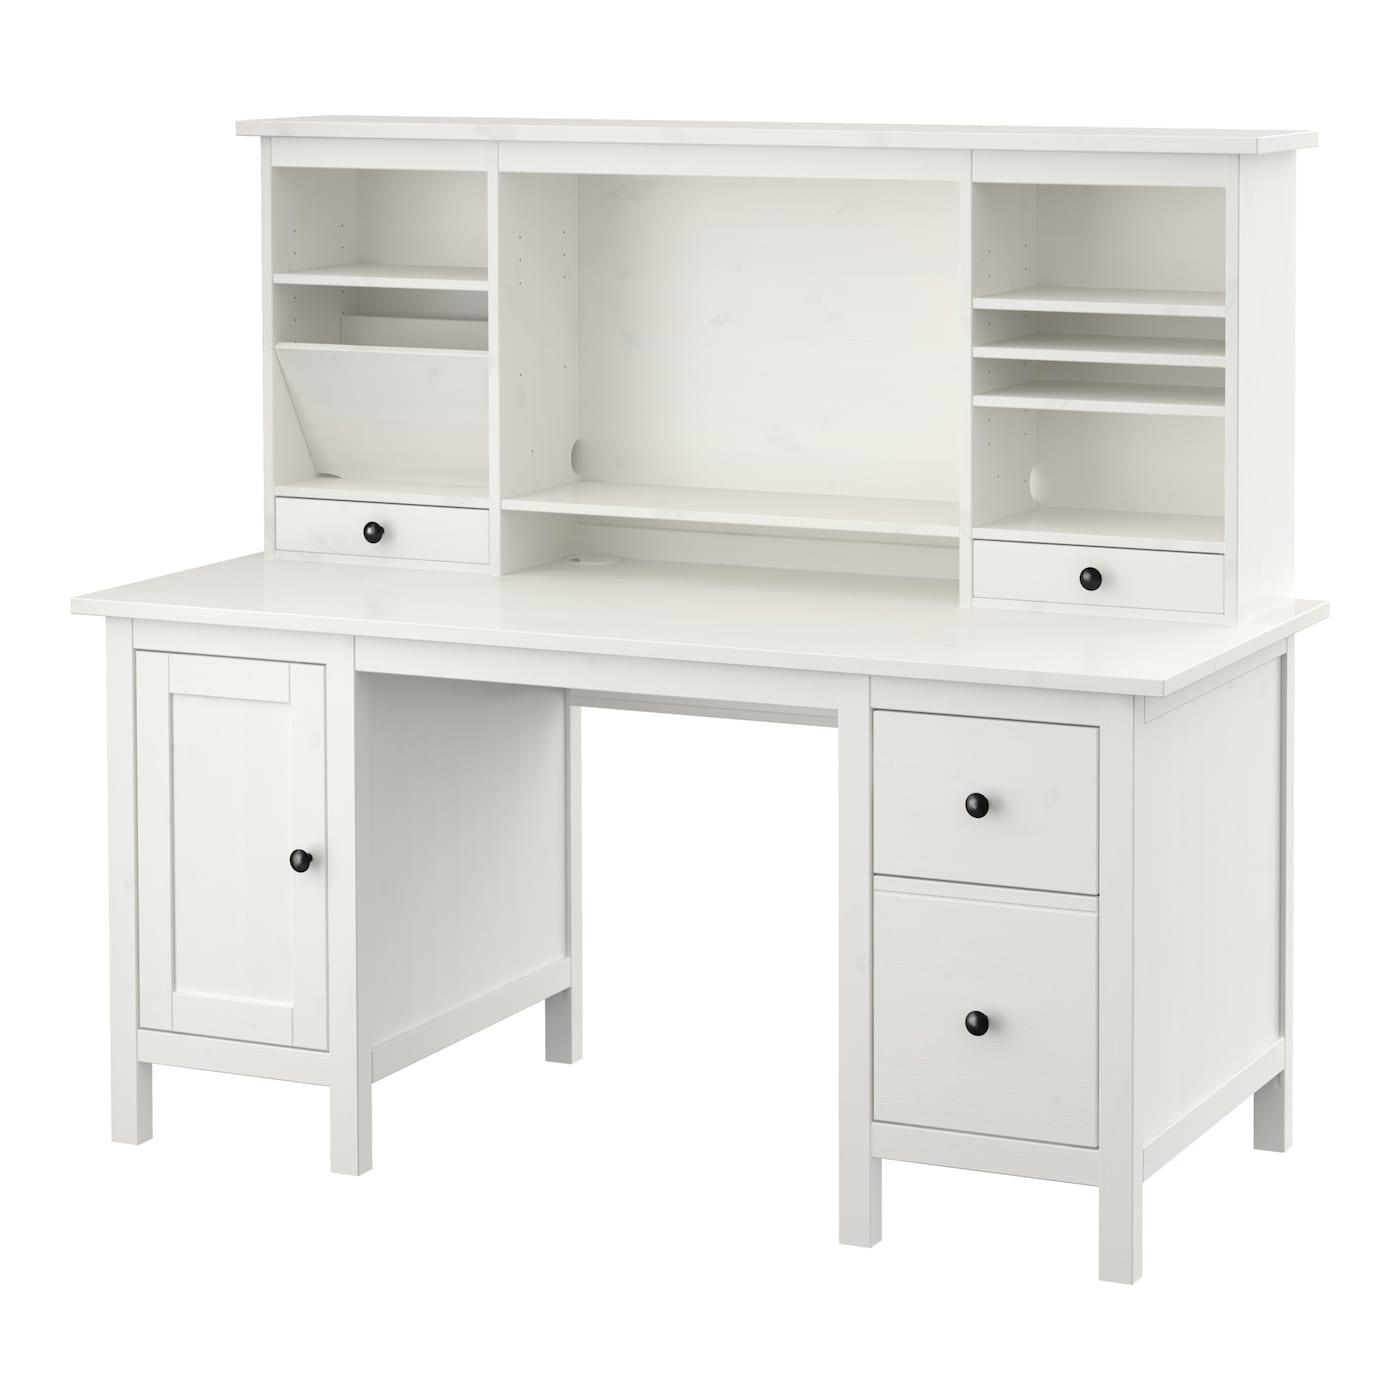 Scrivania Con Cassettiera Ikea mordente bianco arredo ufficio ikea hemnes scrivania con